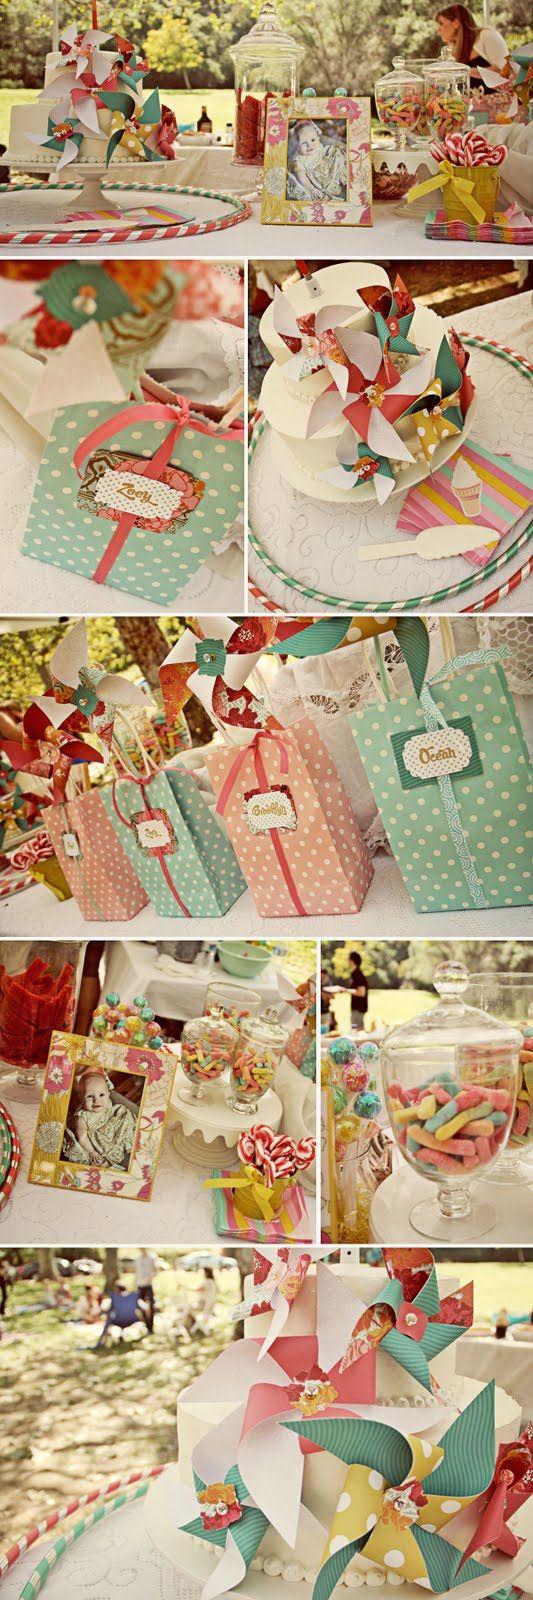 Vintage pinwheel party details.. gorgeous!